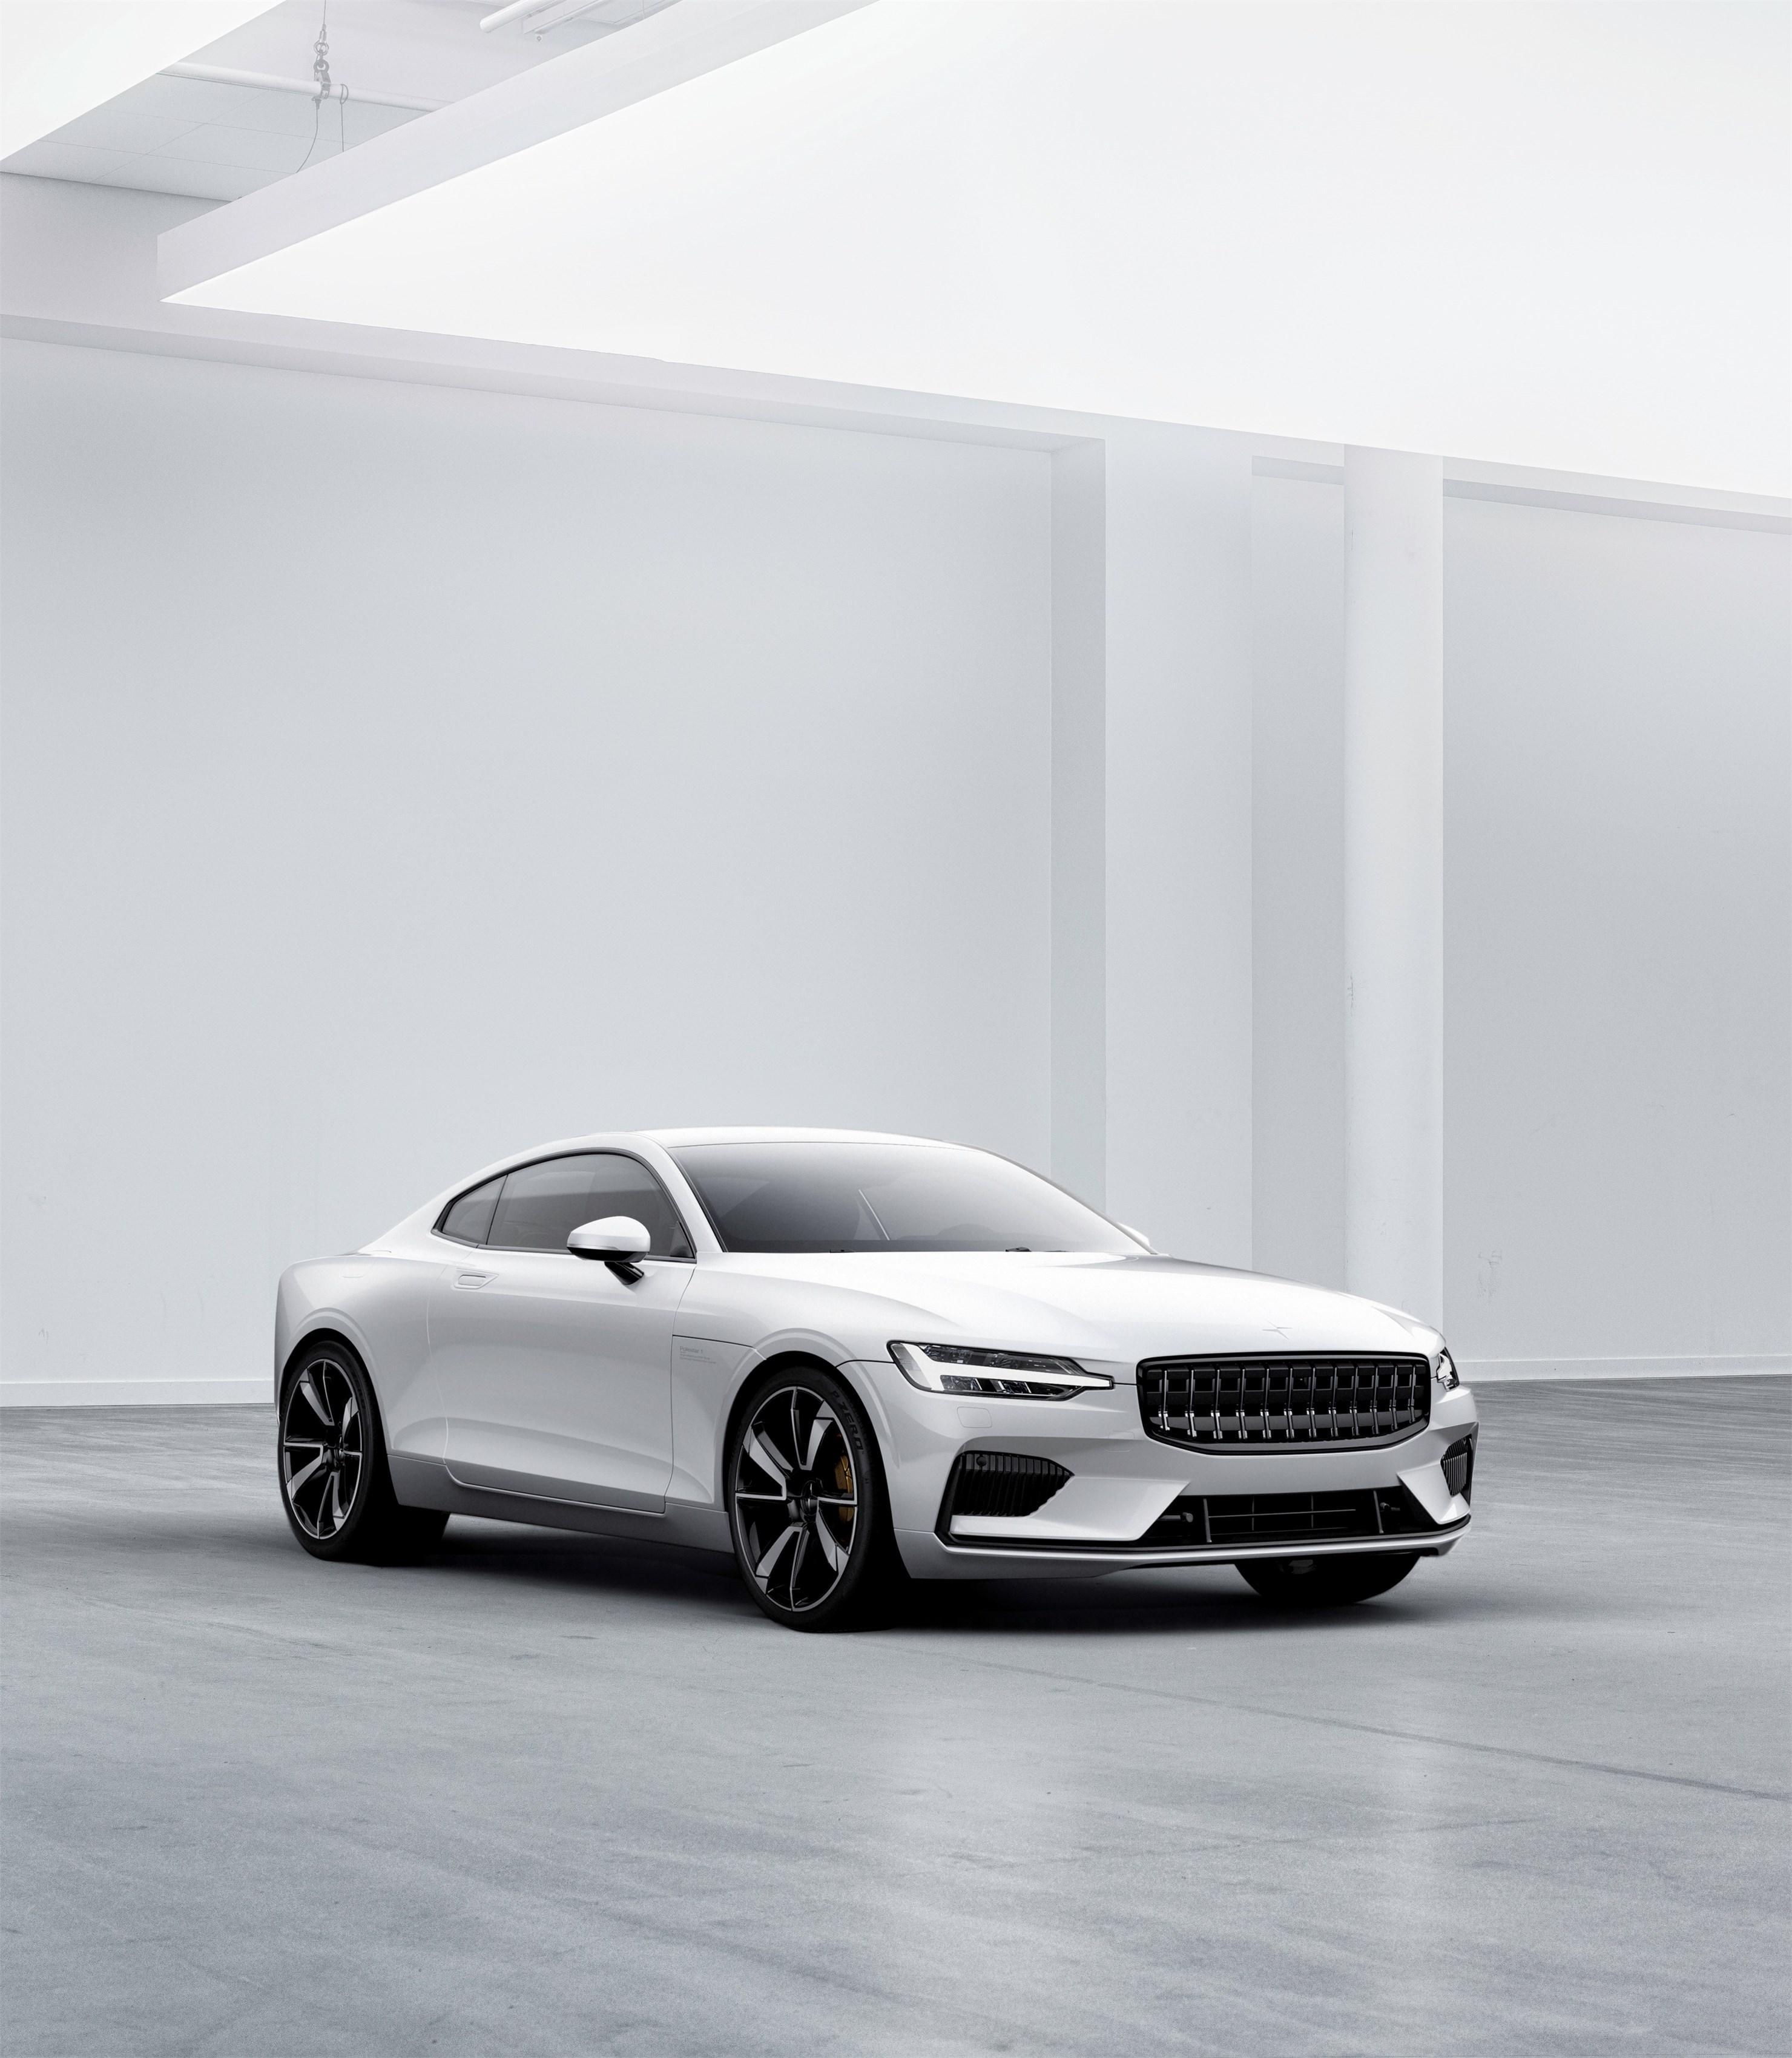 Konkurrenz für Tesla? Volvo Polestar 1